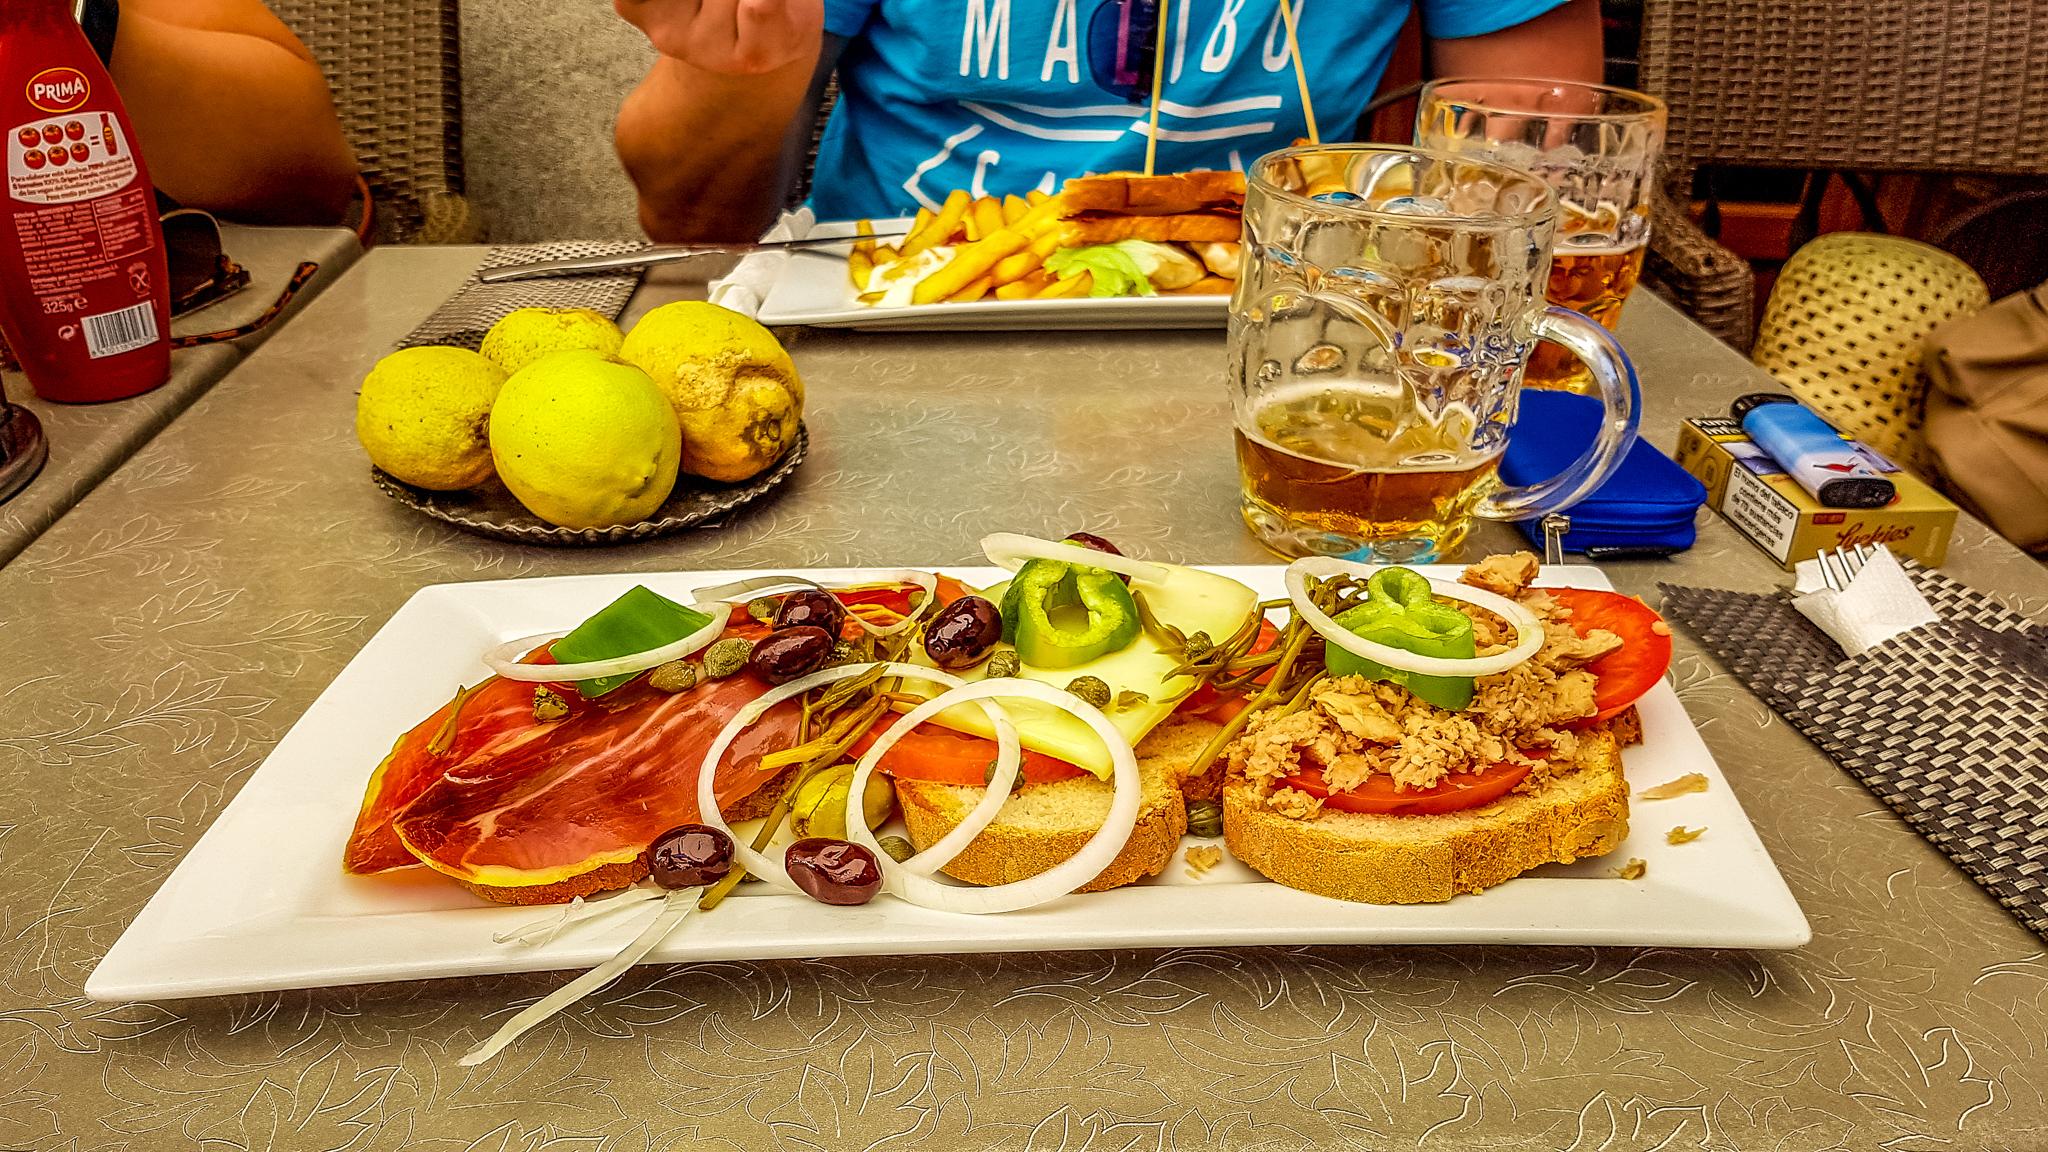 Meine Top 5 Mallorca Restaurant-Tipps 2019 23